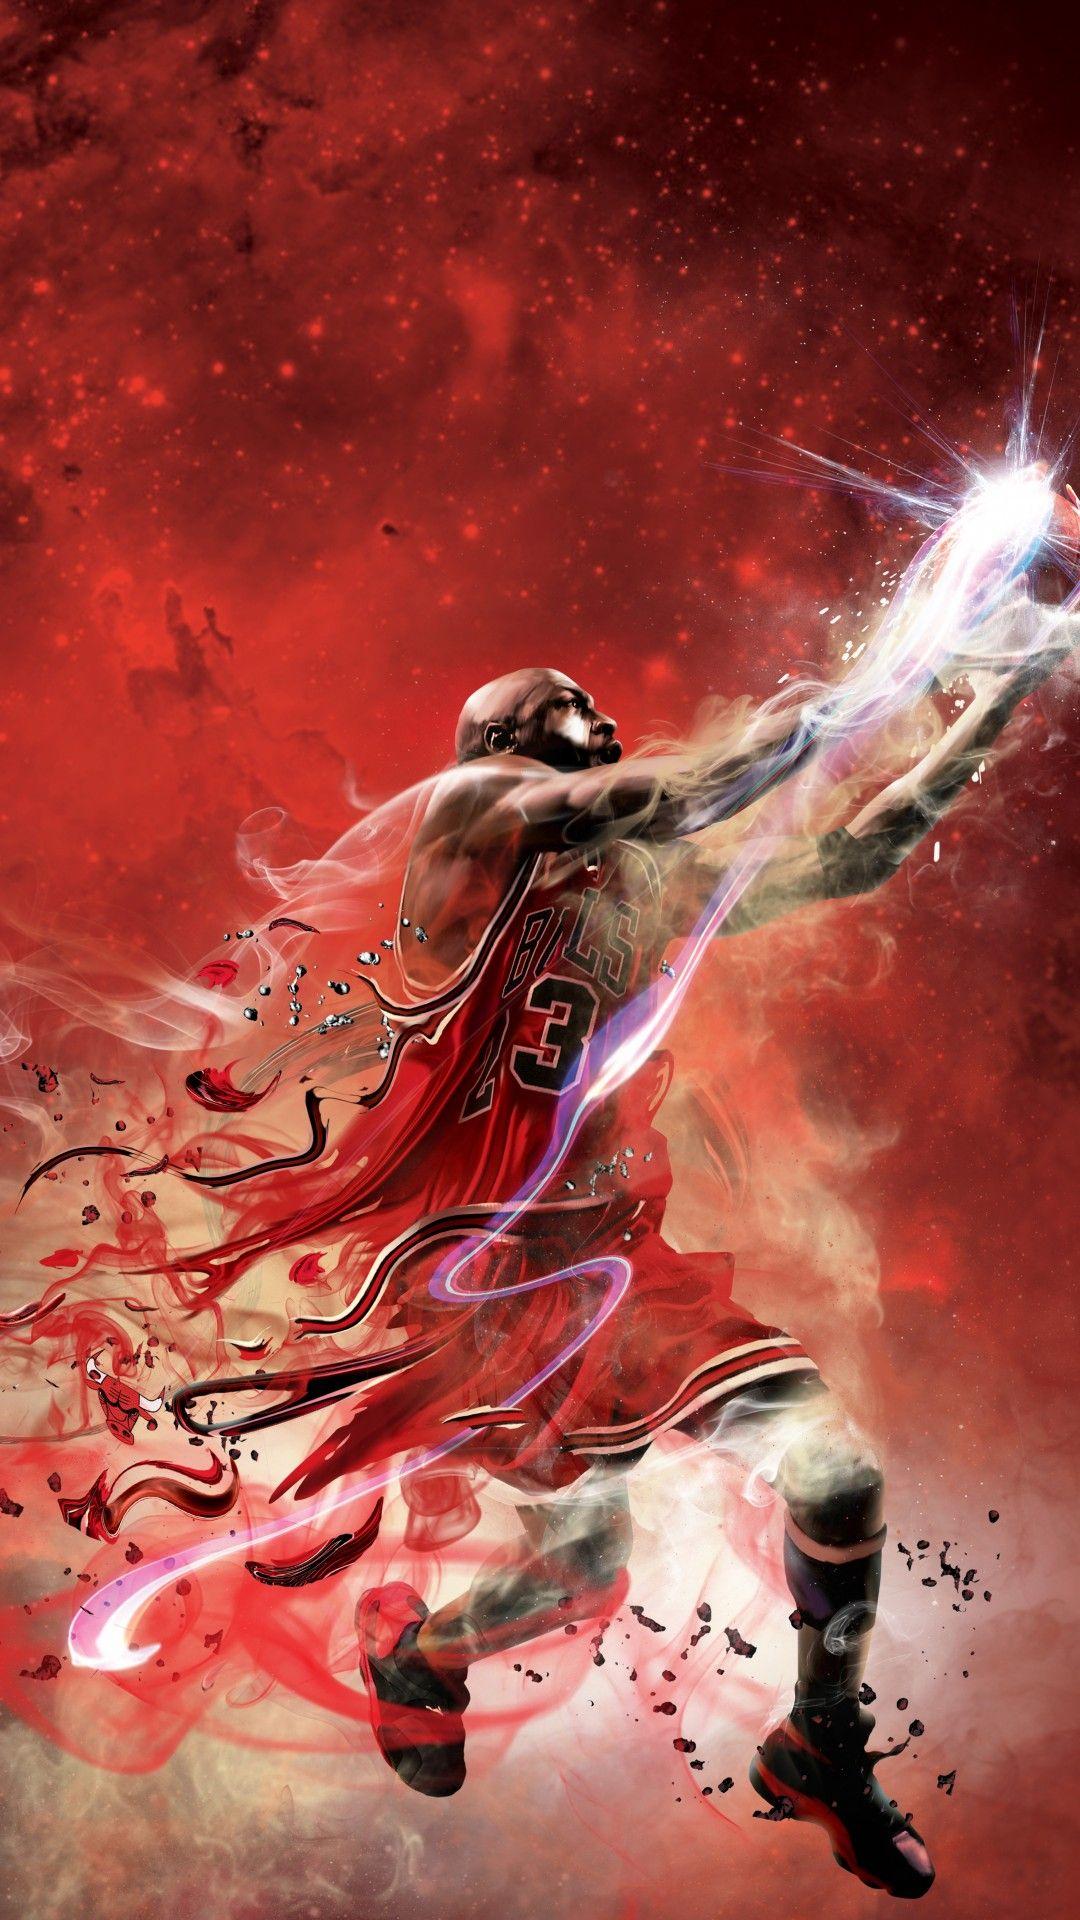 Michael Jordan Basketball Mobile HD Wallpaper in 2020